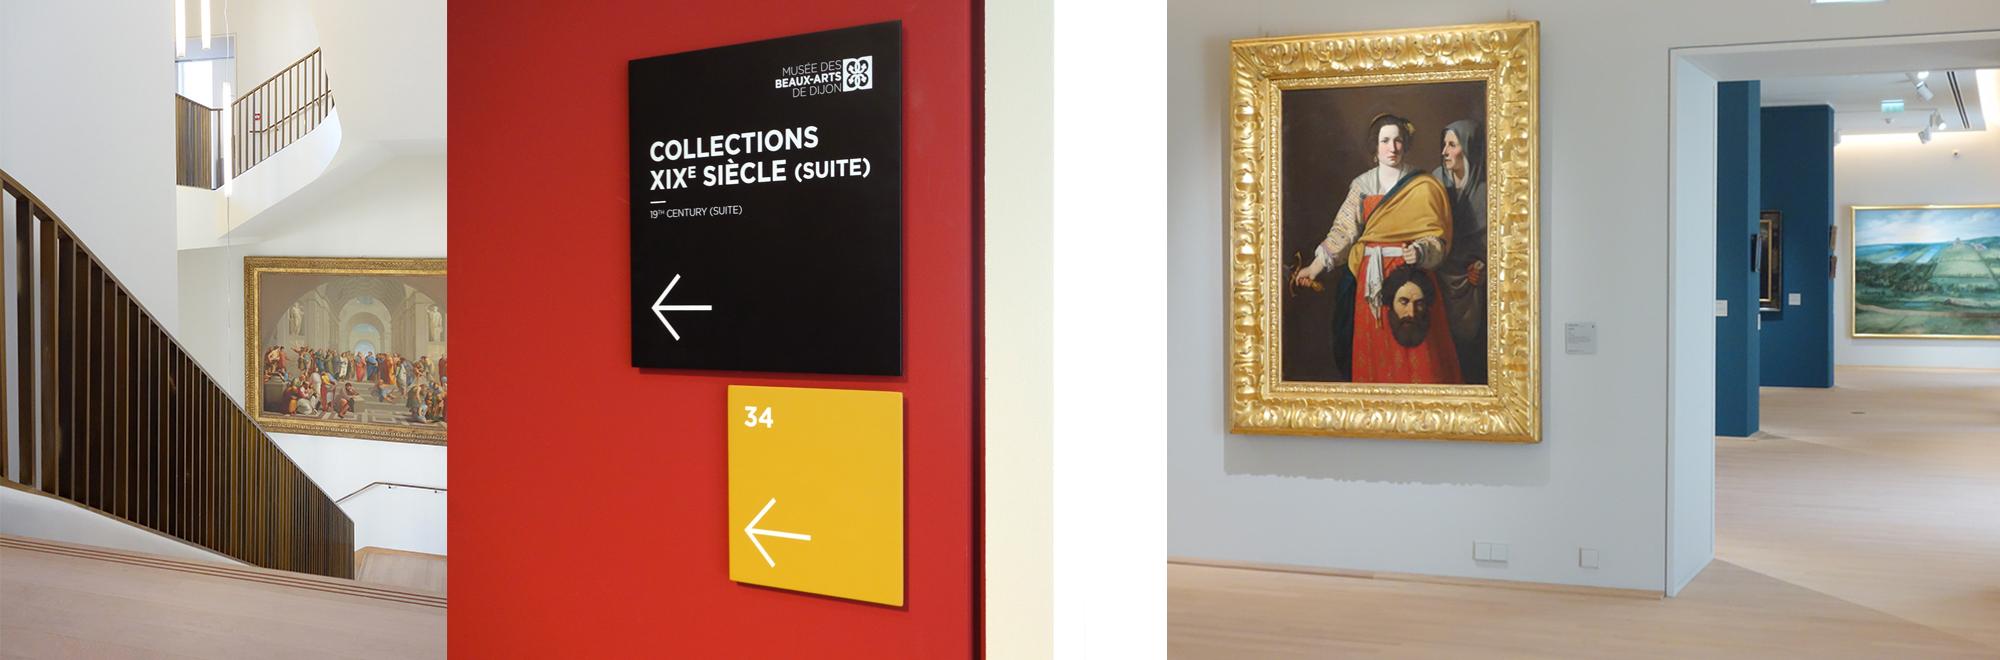 Visio Musée des Beaux-Arts Dijon